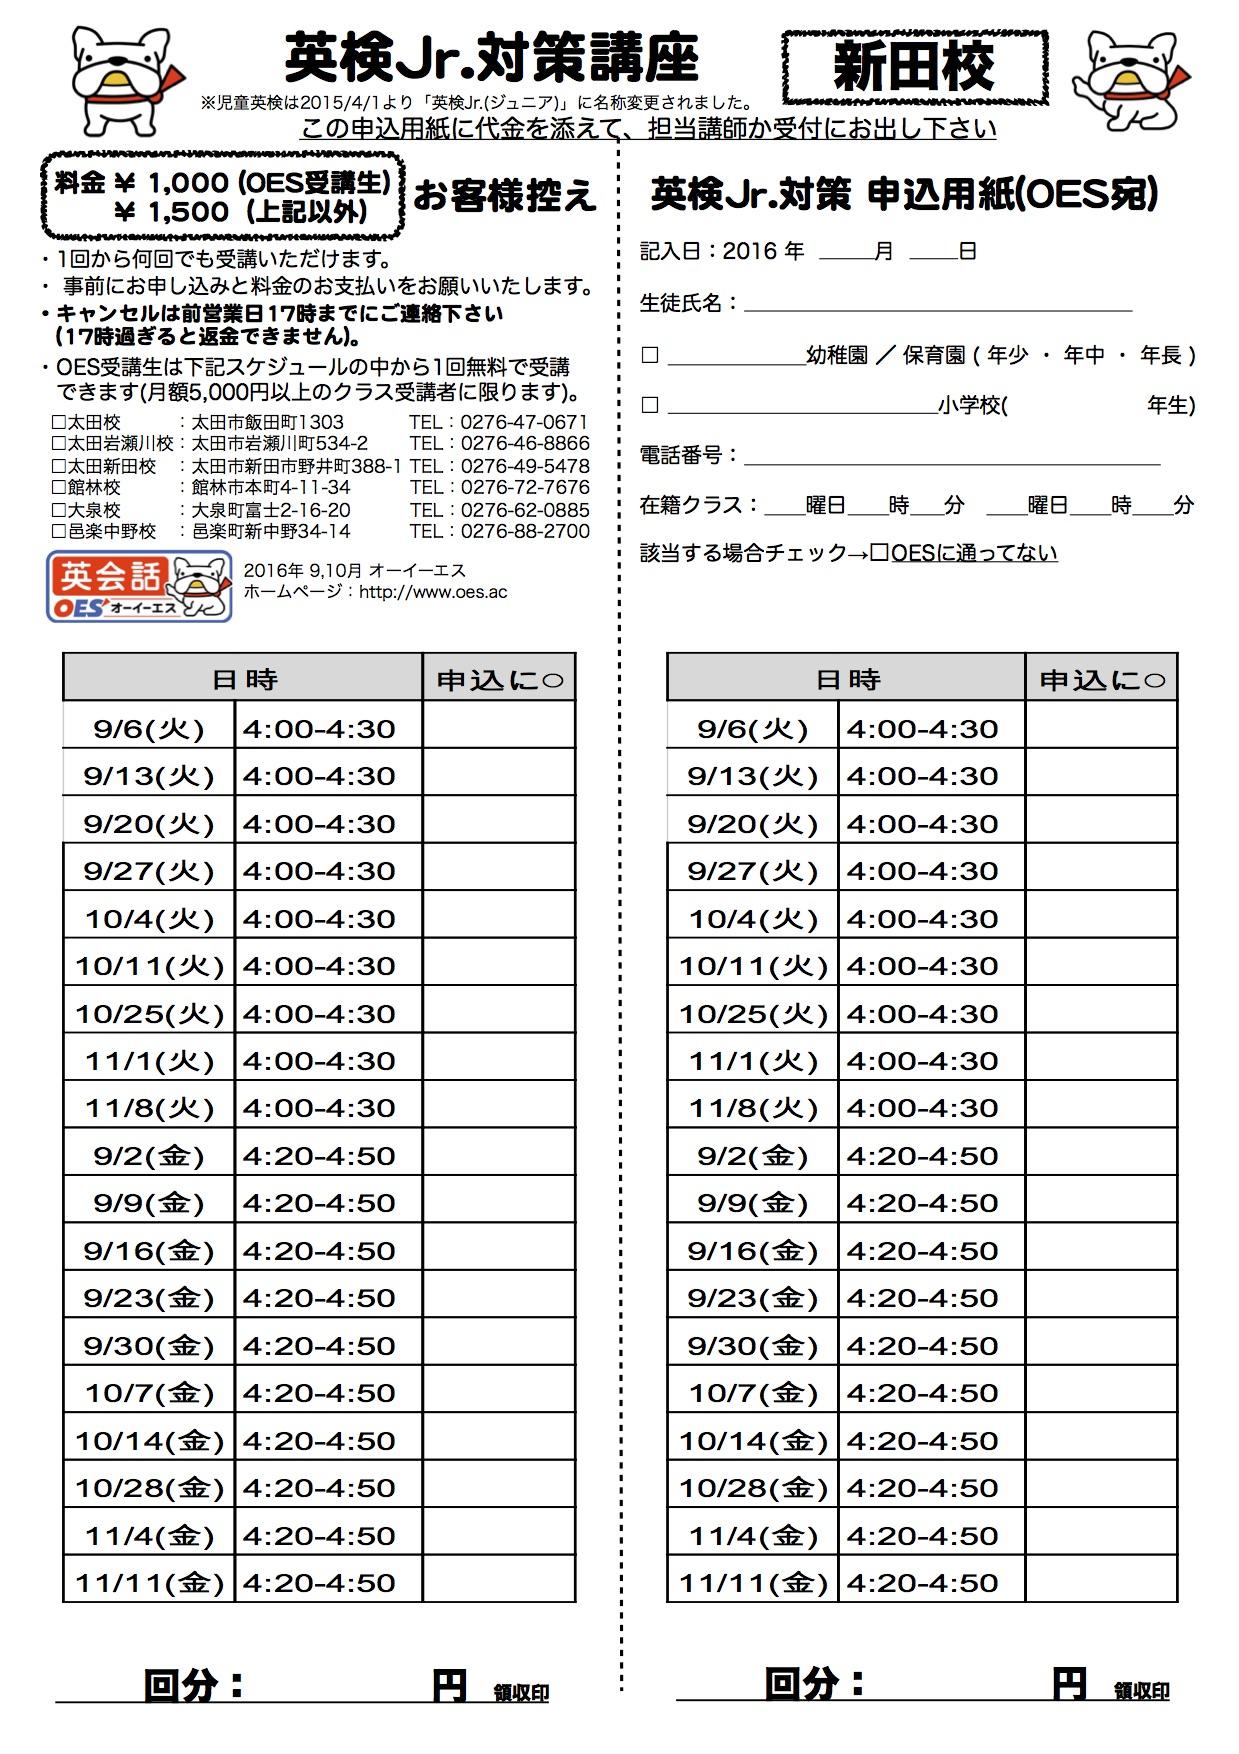 申込用紙 2016-2 新田校